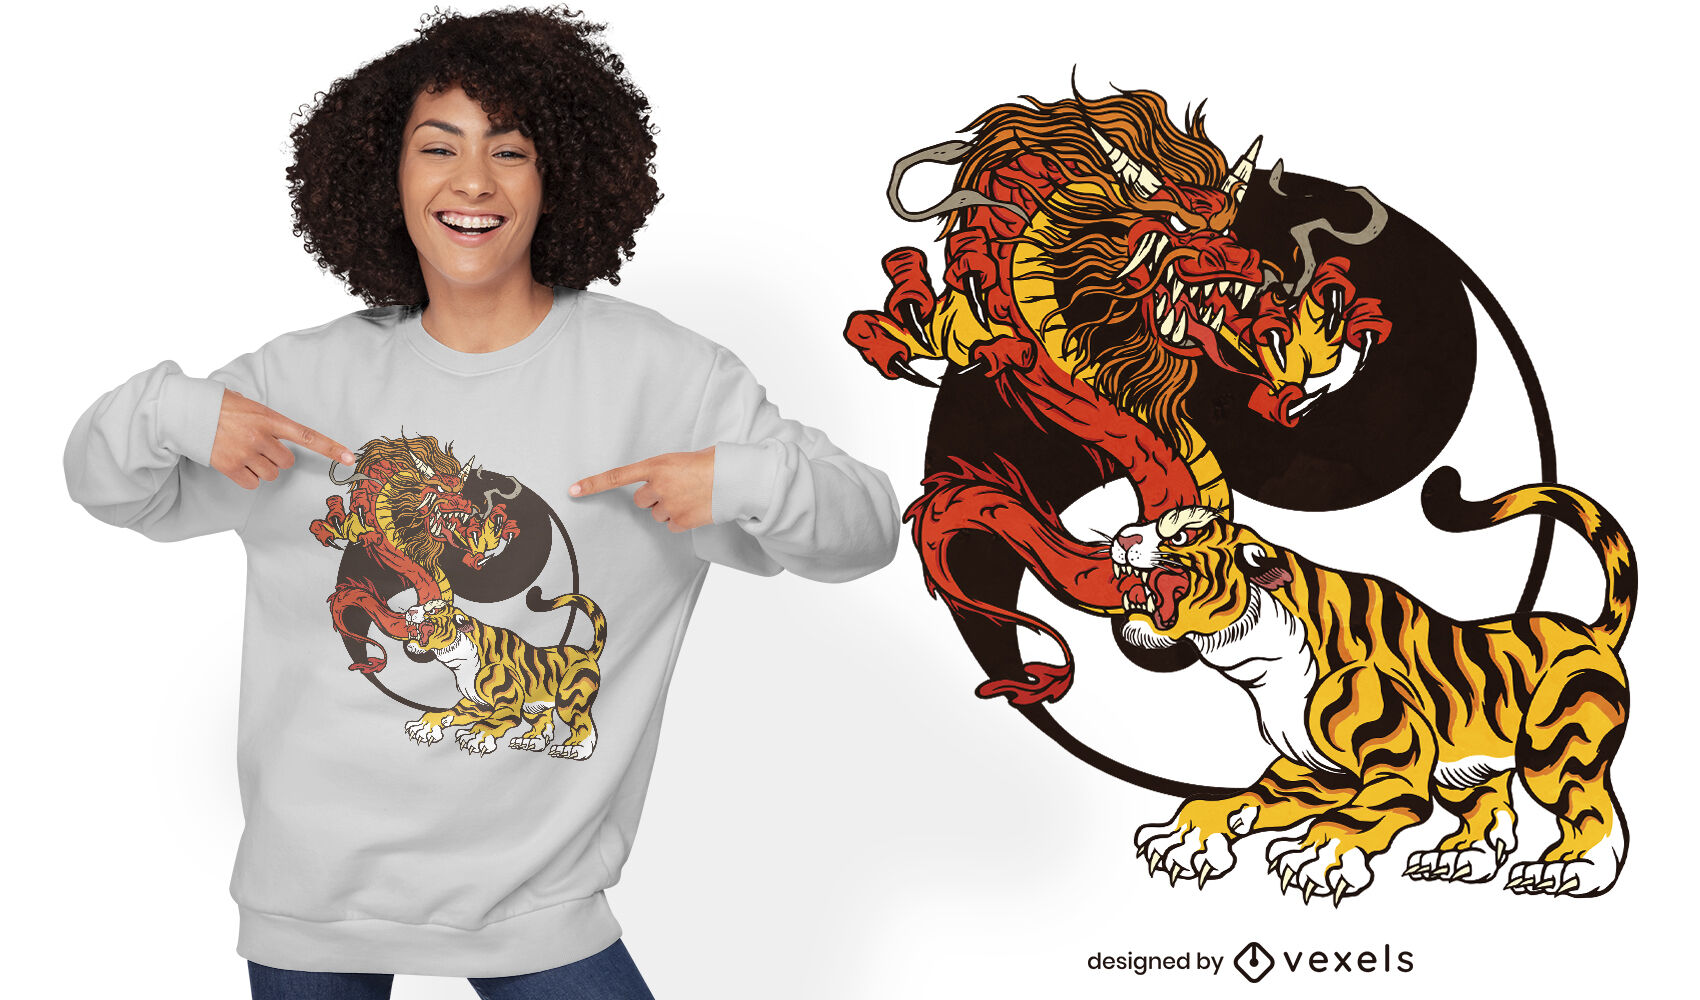 Dragon and tiger yin yang t-shirt design